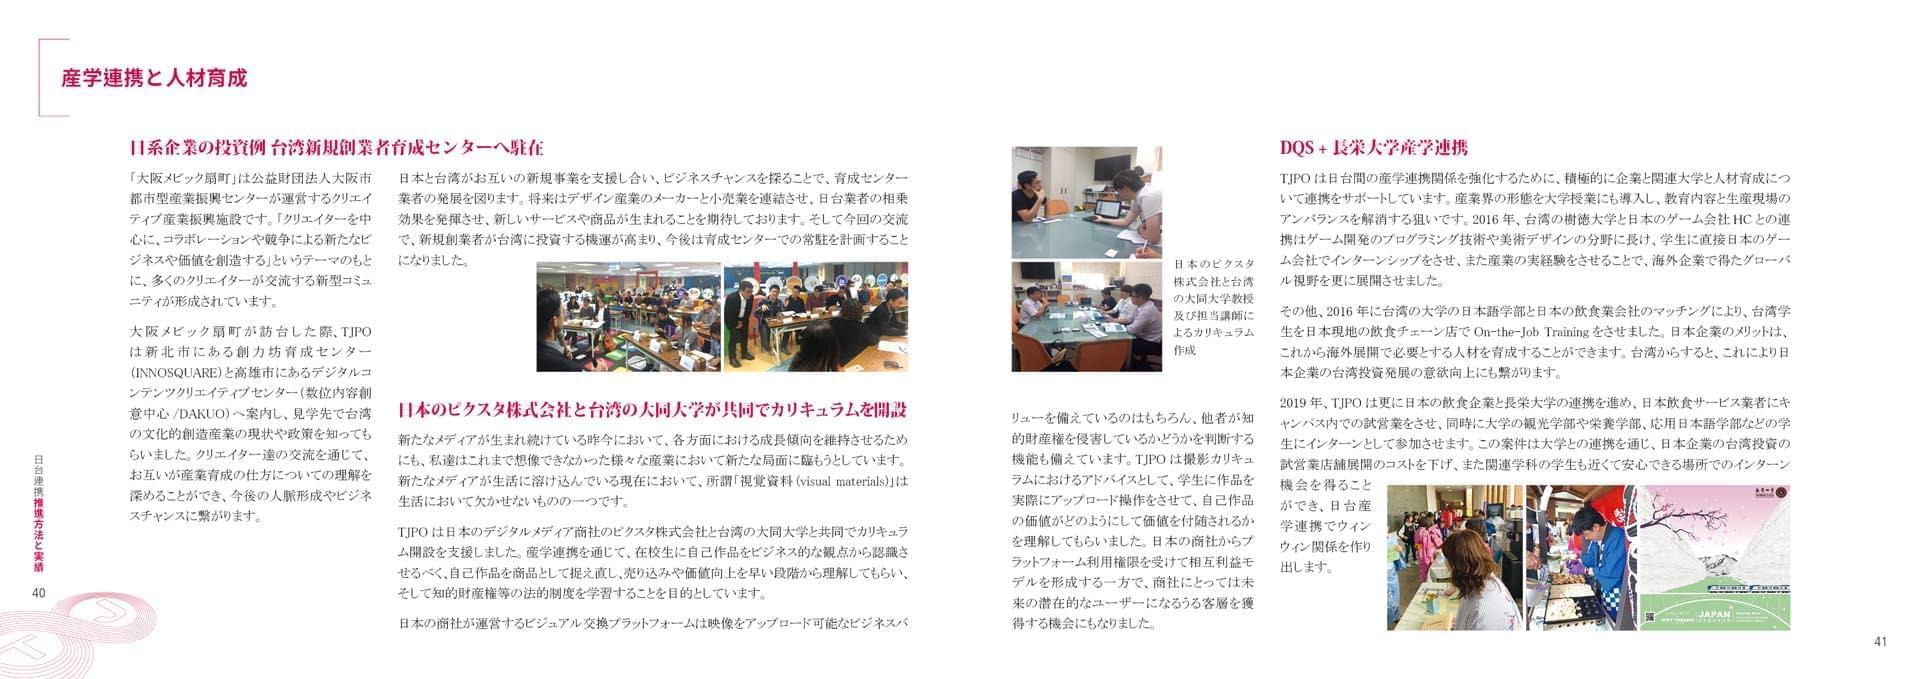 台日型錄-日文版60頁-第二次修改070223